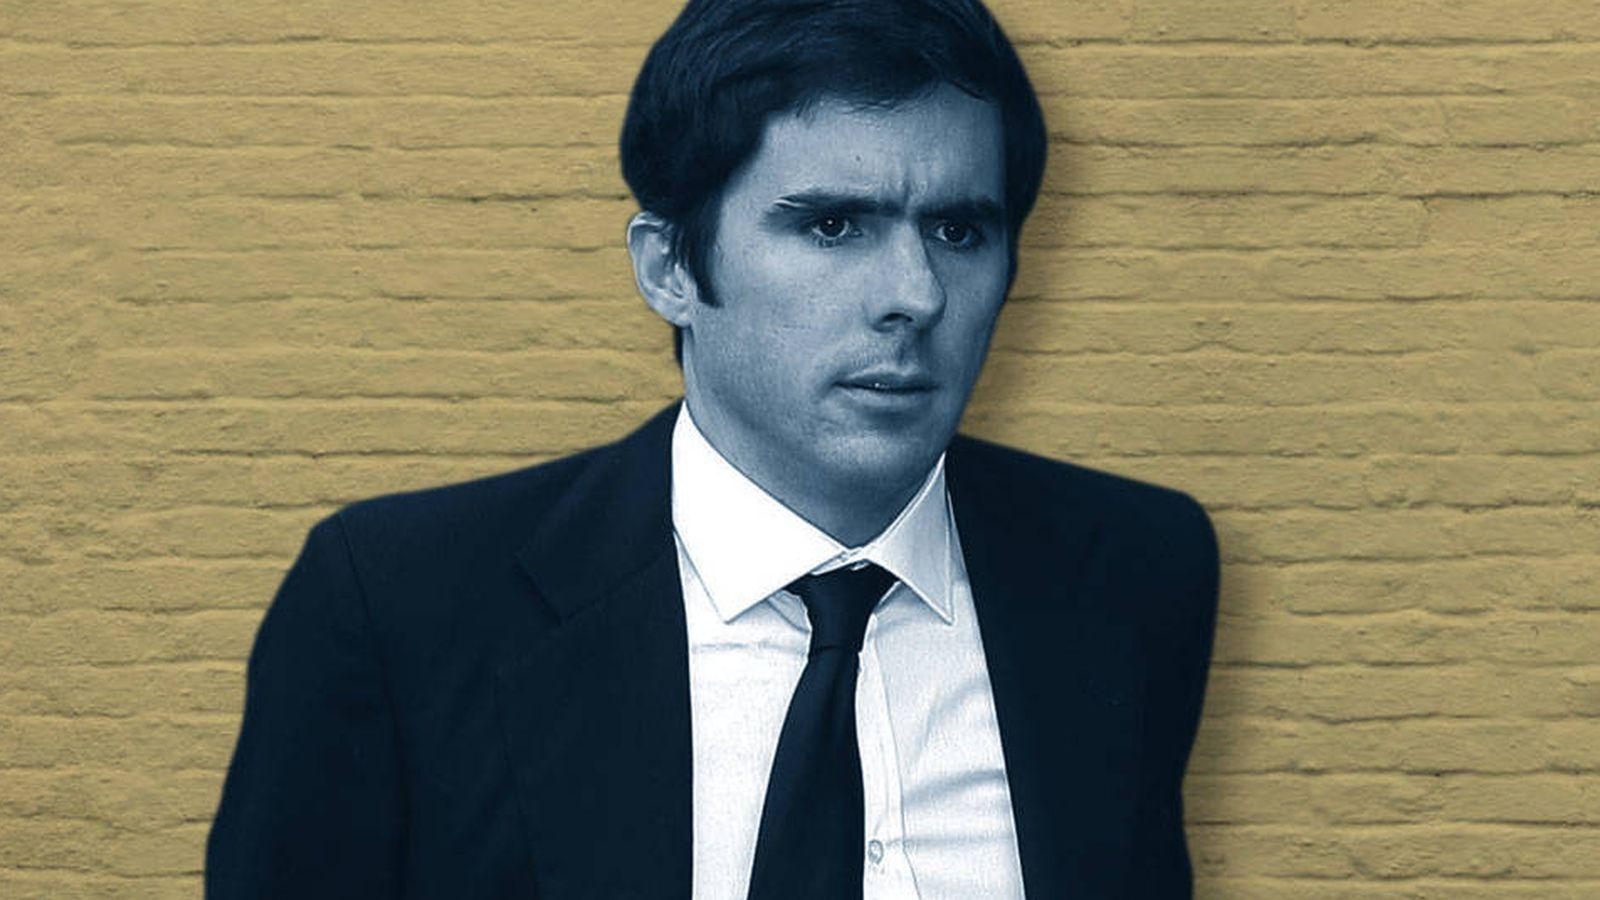 Foto: José María Aznar Jr. en un fotomontaje elaborado por Vanitatis.